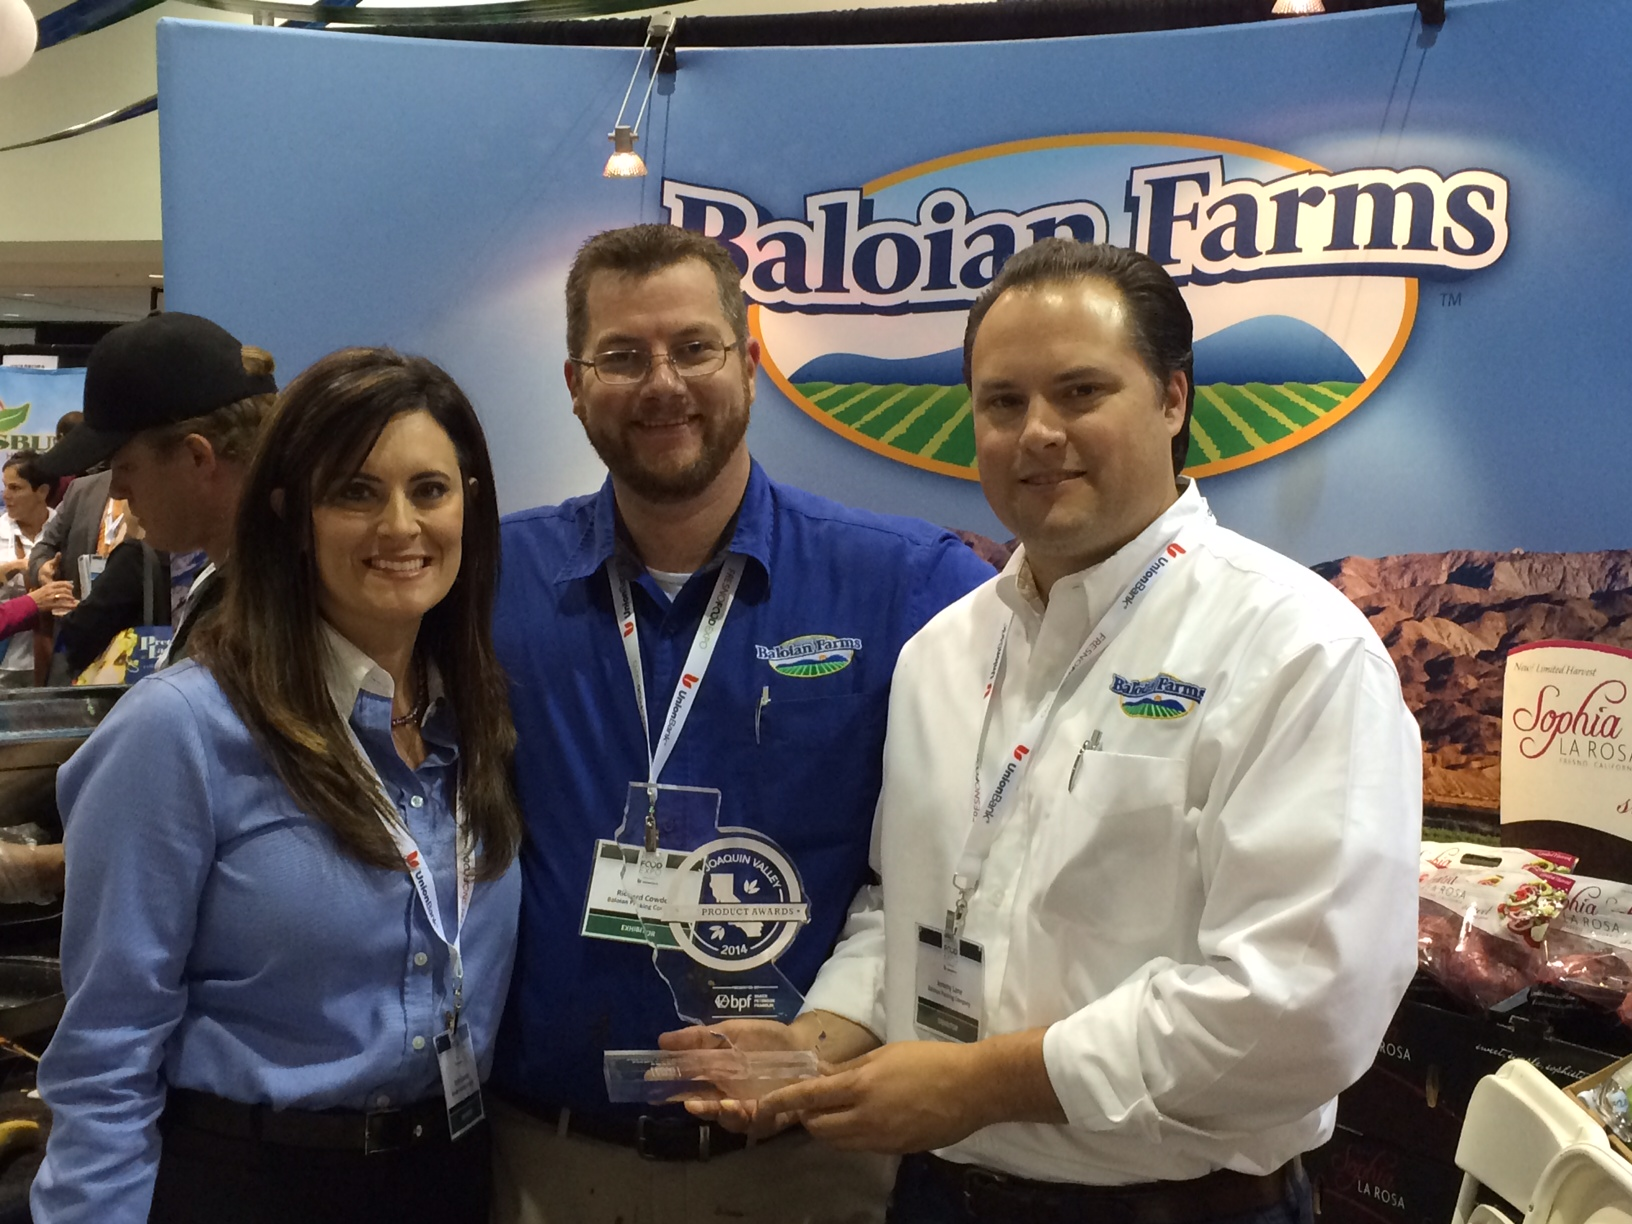 Baloian Farms Took Home People's Choice Award